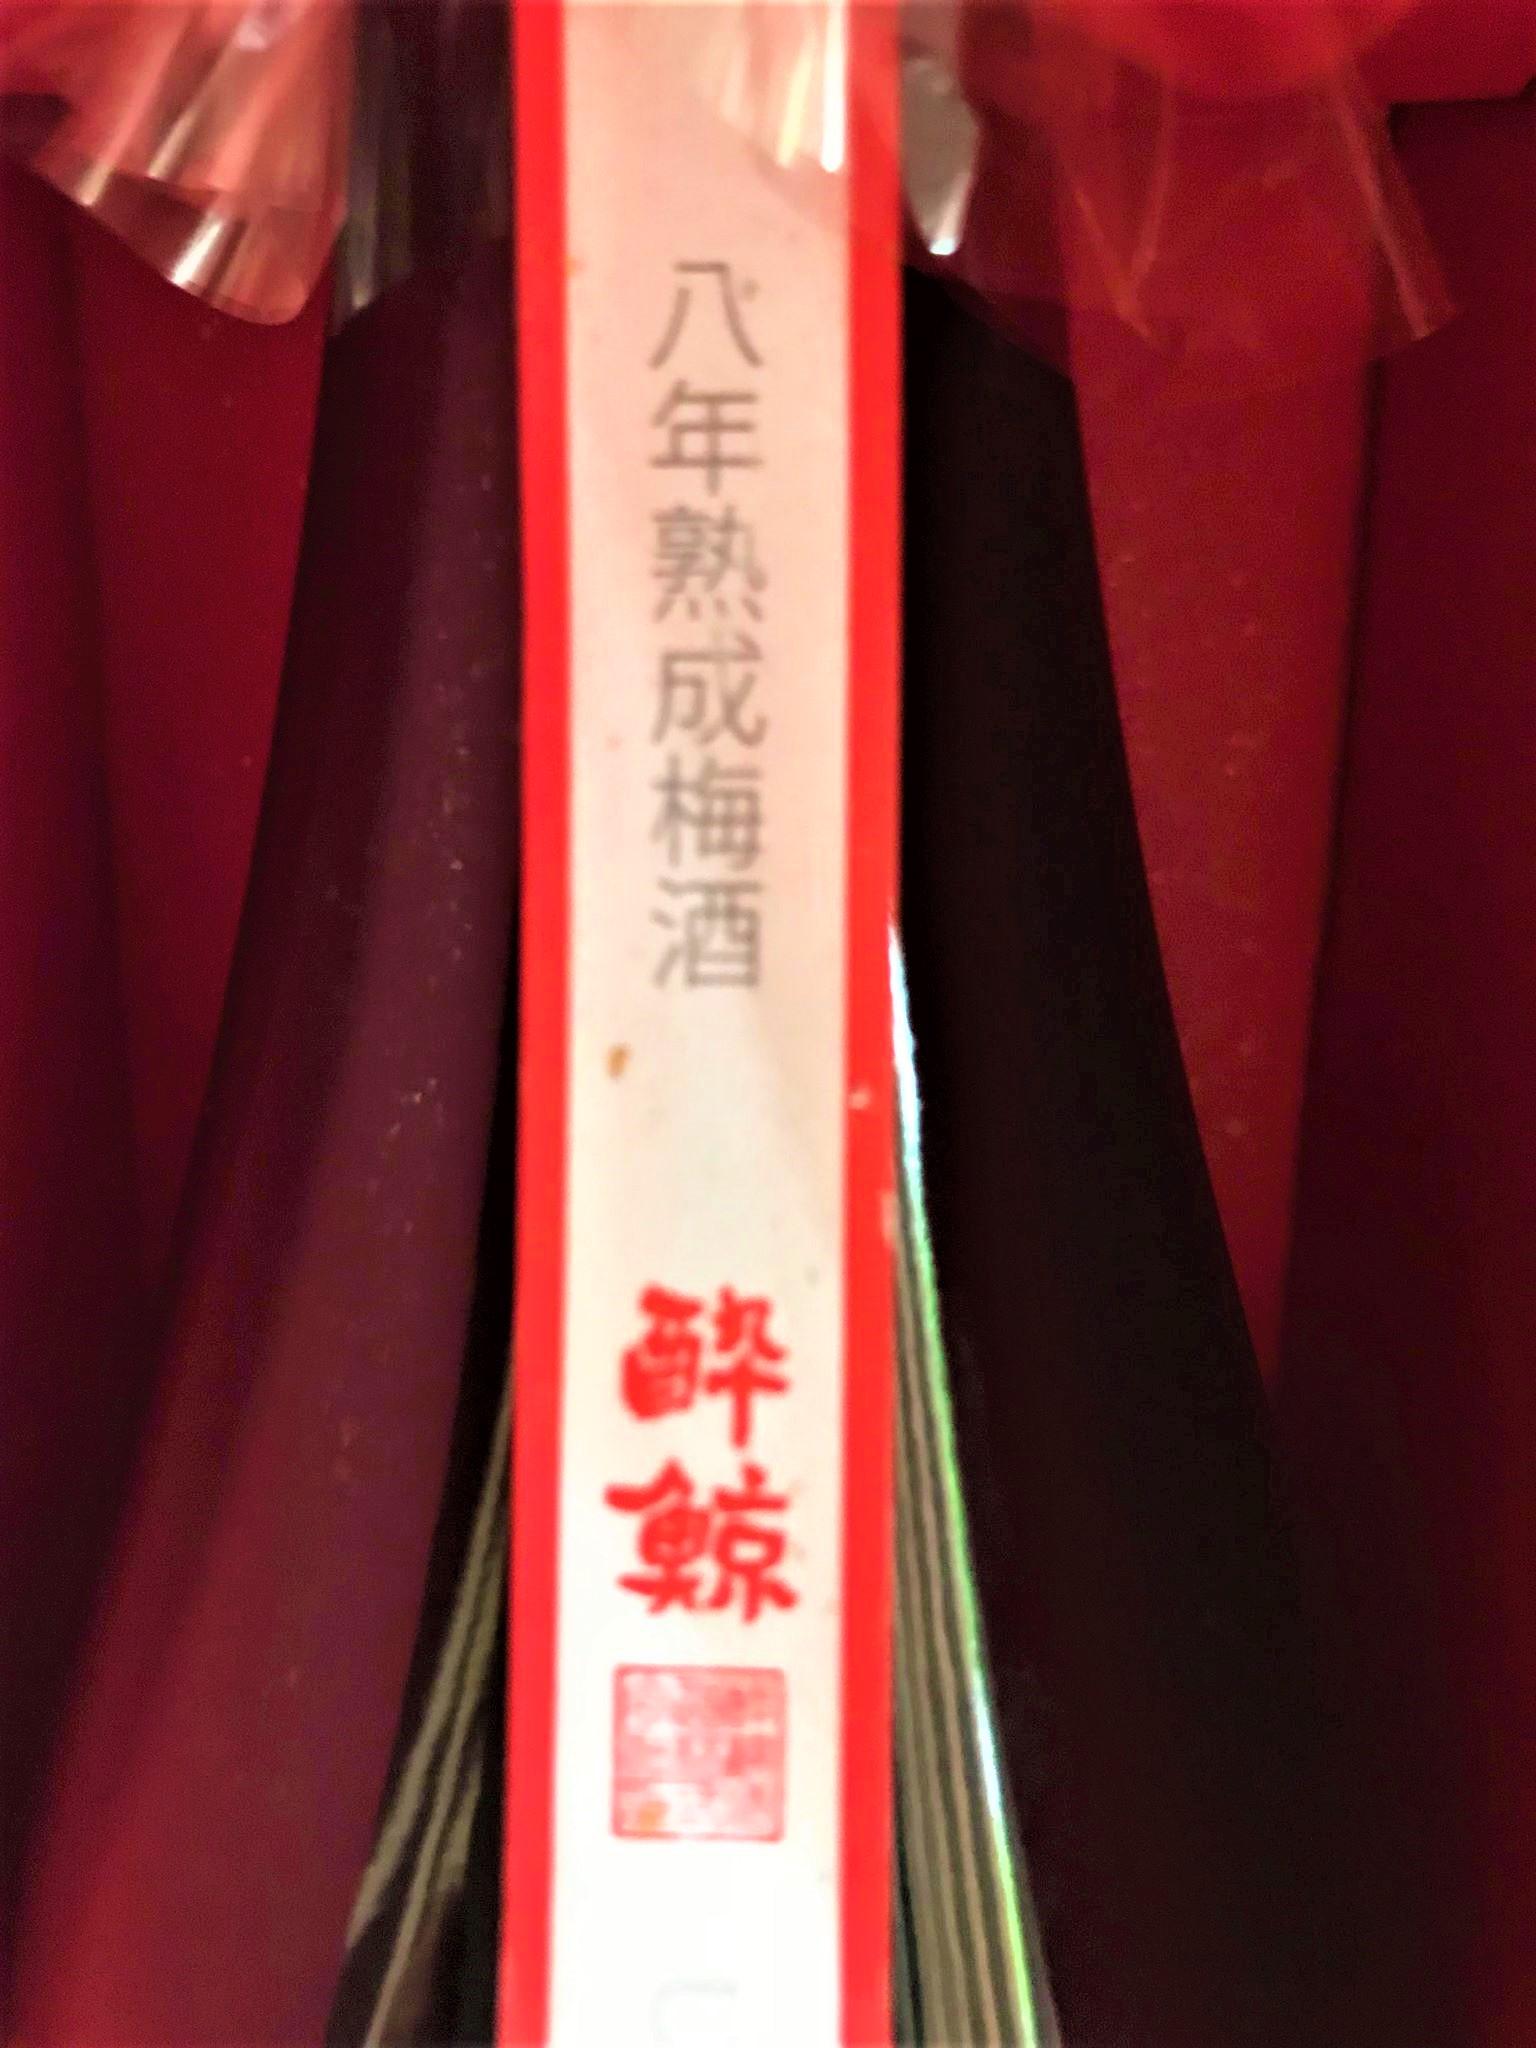 【予約解禁🎺】酔鯨🐋特別編『SUIGEI UMESYU EIGHT8』八年熟成貯蔵梅酒 特別限定蔵出し 2020ver🆕_e0173738_11435916.jpg